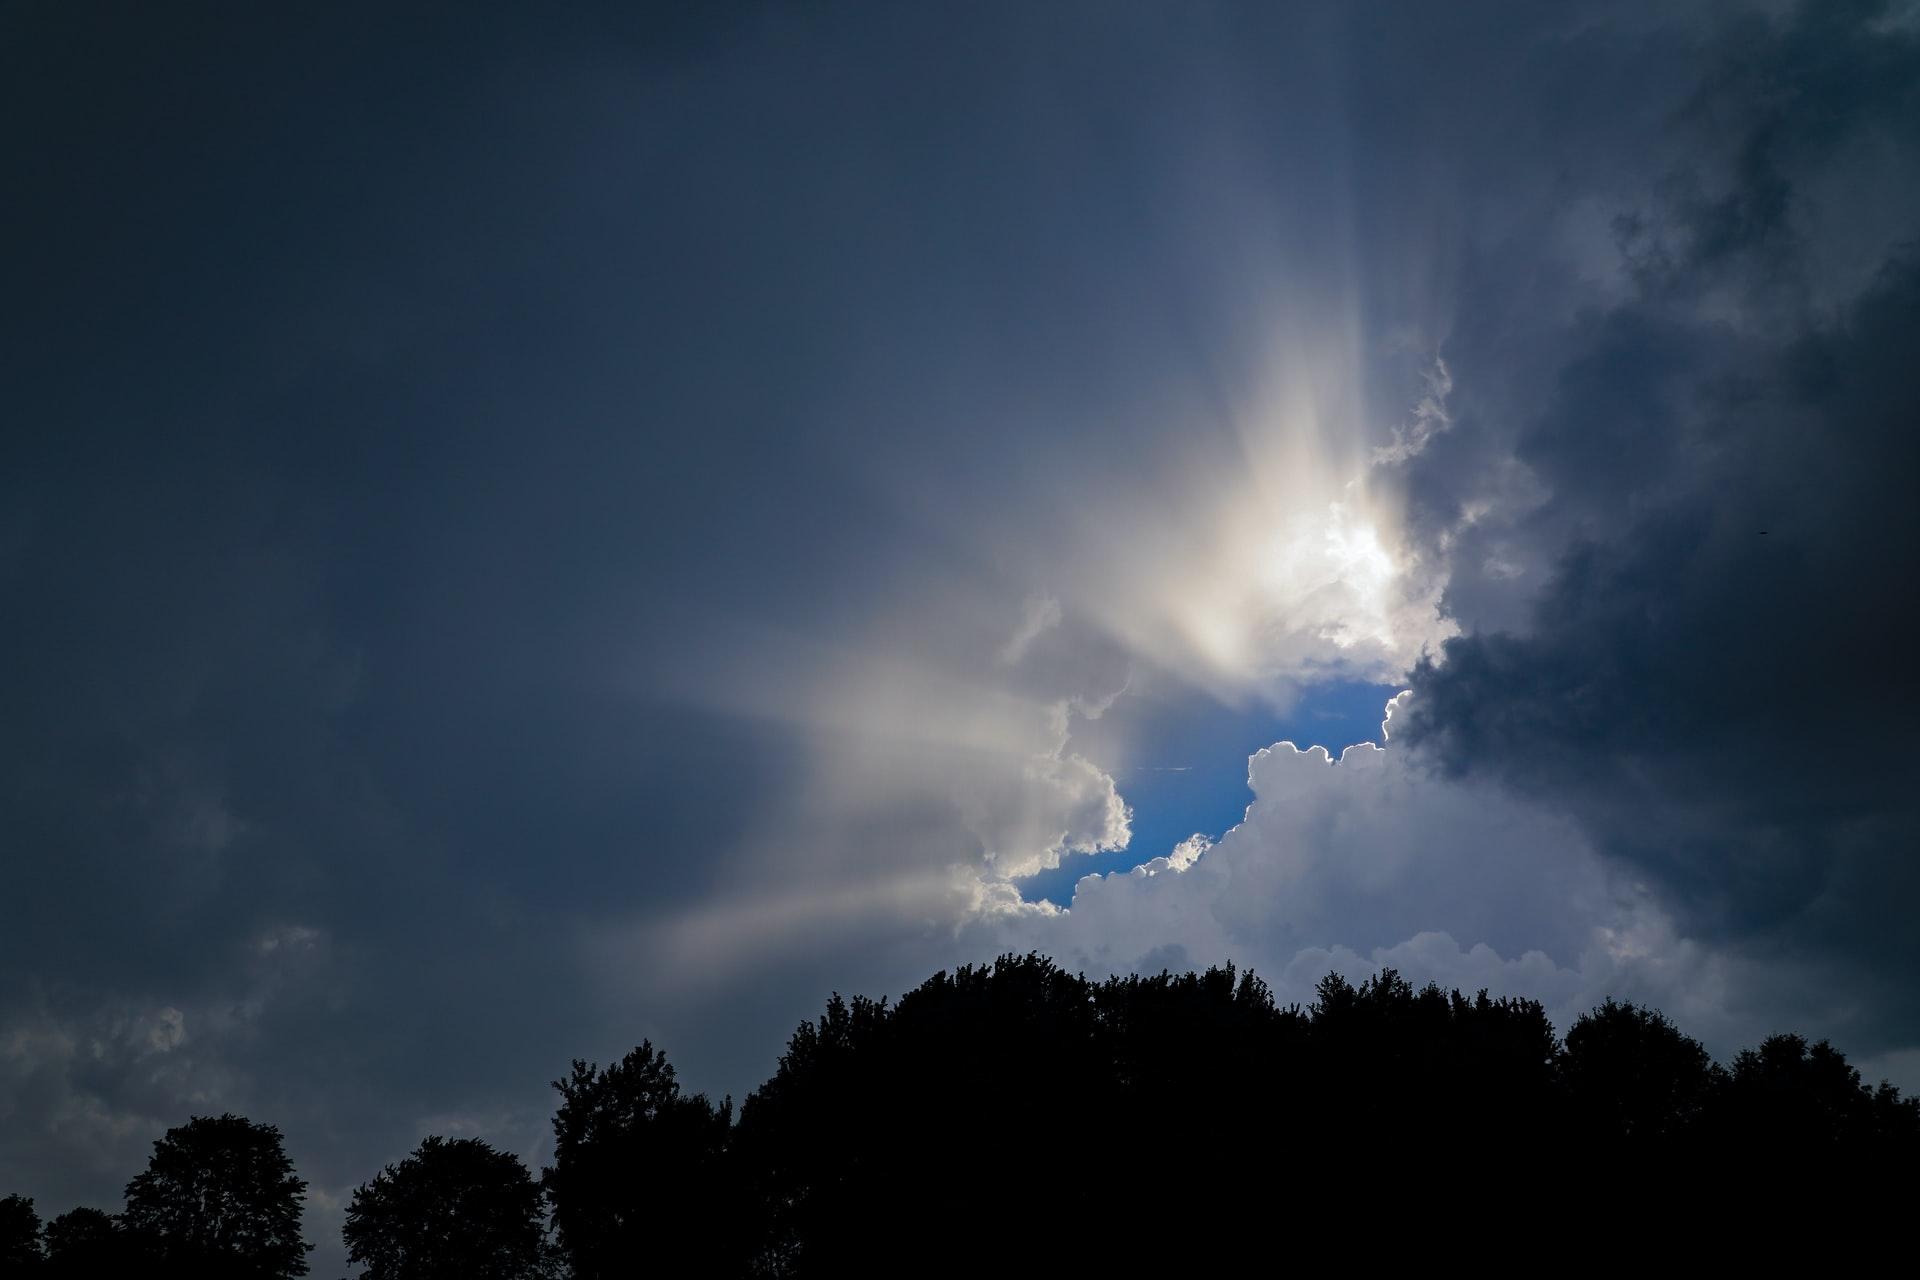 A little bit of heaven as sun peeks through clouds